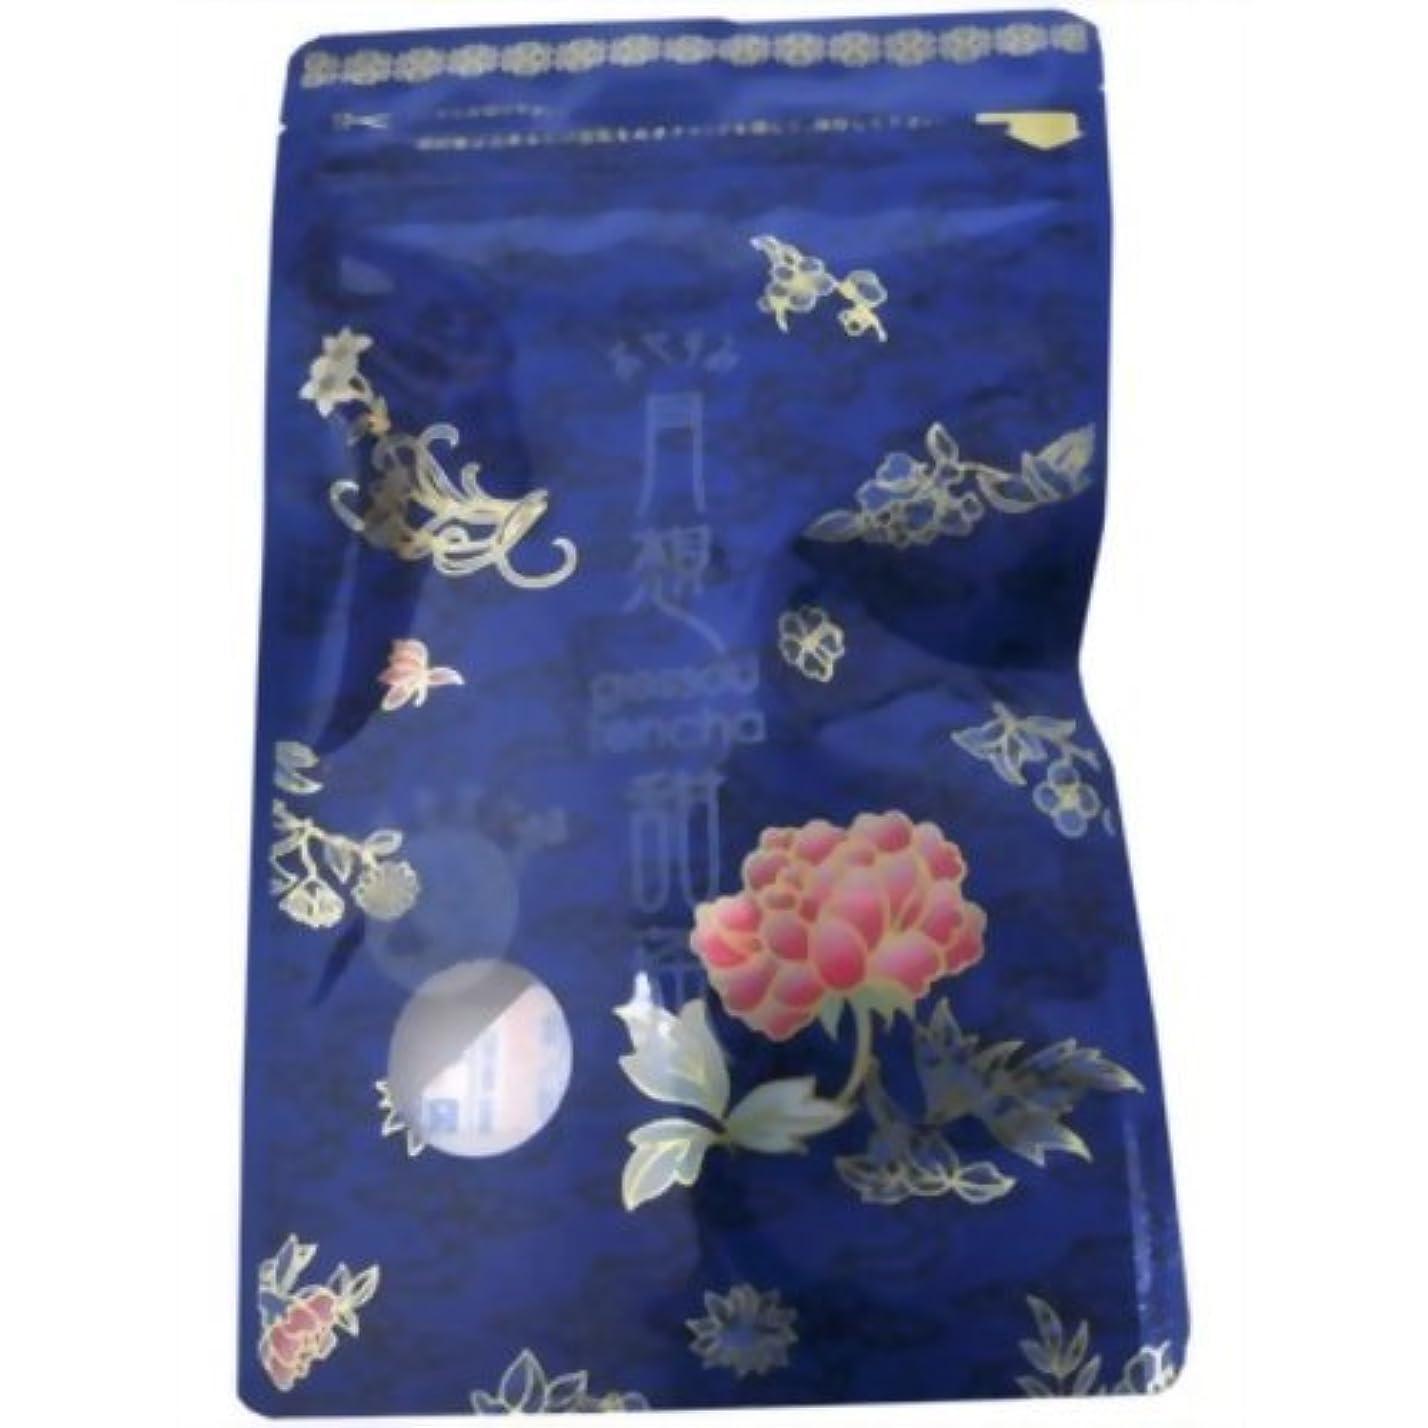 ハーネス目指す情緒的おやすみ月想甜茶 1.5gx15袋